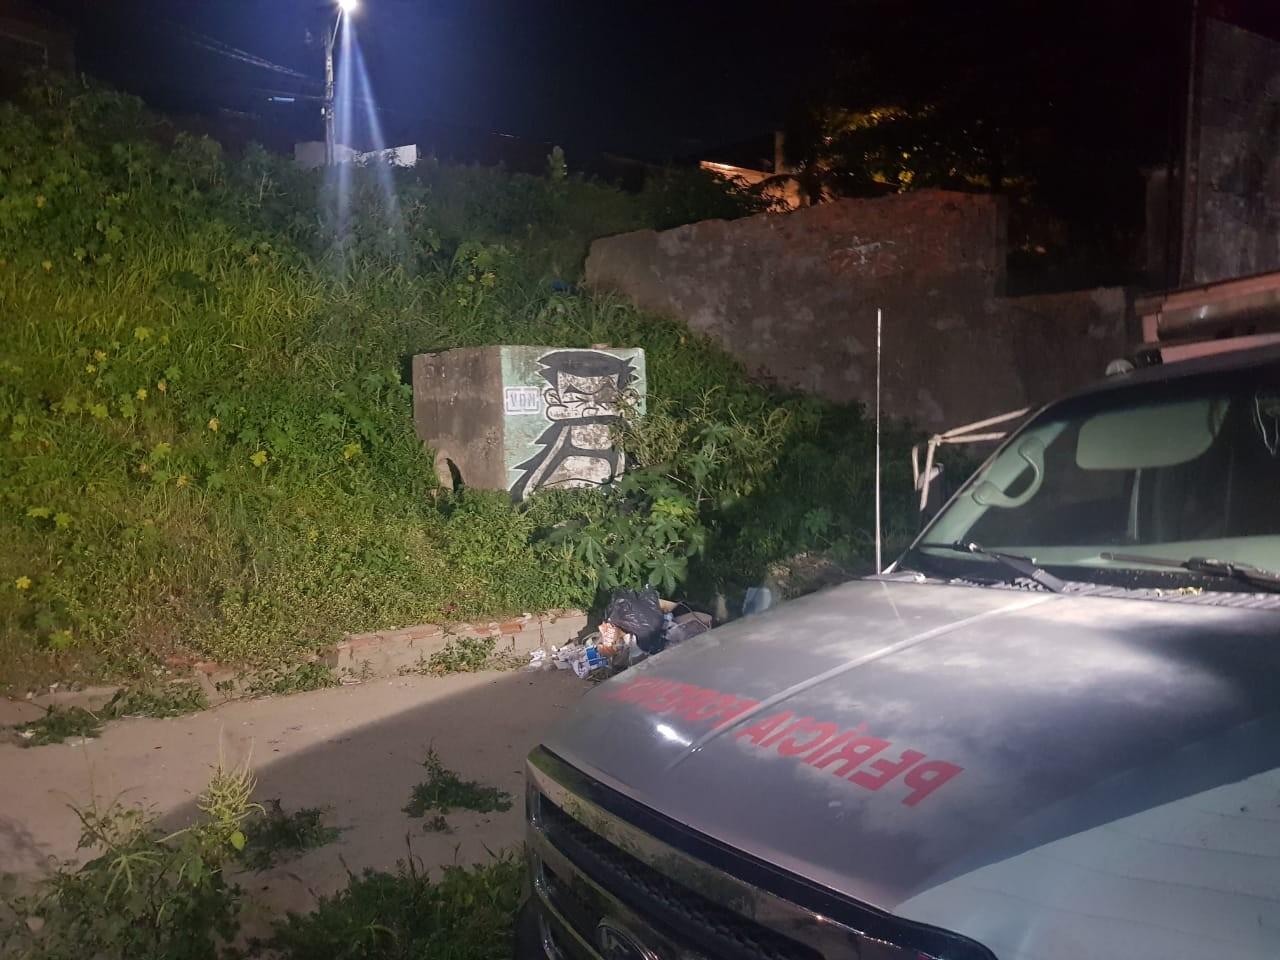 Corpo de homem é encontrado dentro de carcaça de geladeira no Bairro Moura Brasil, em Fortaleza